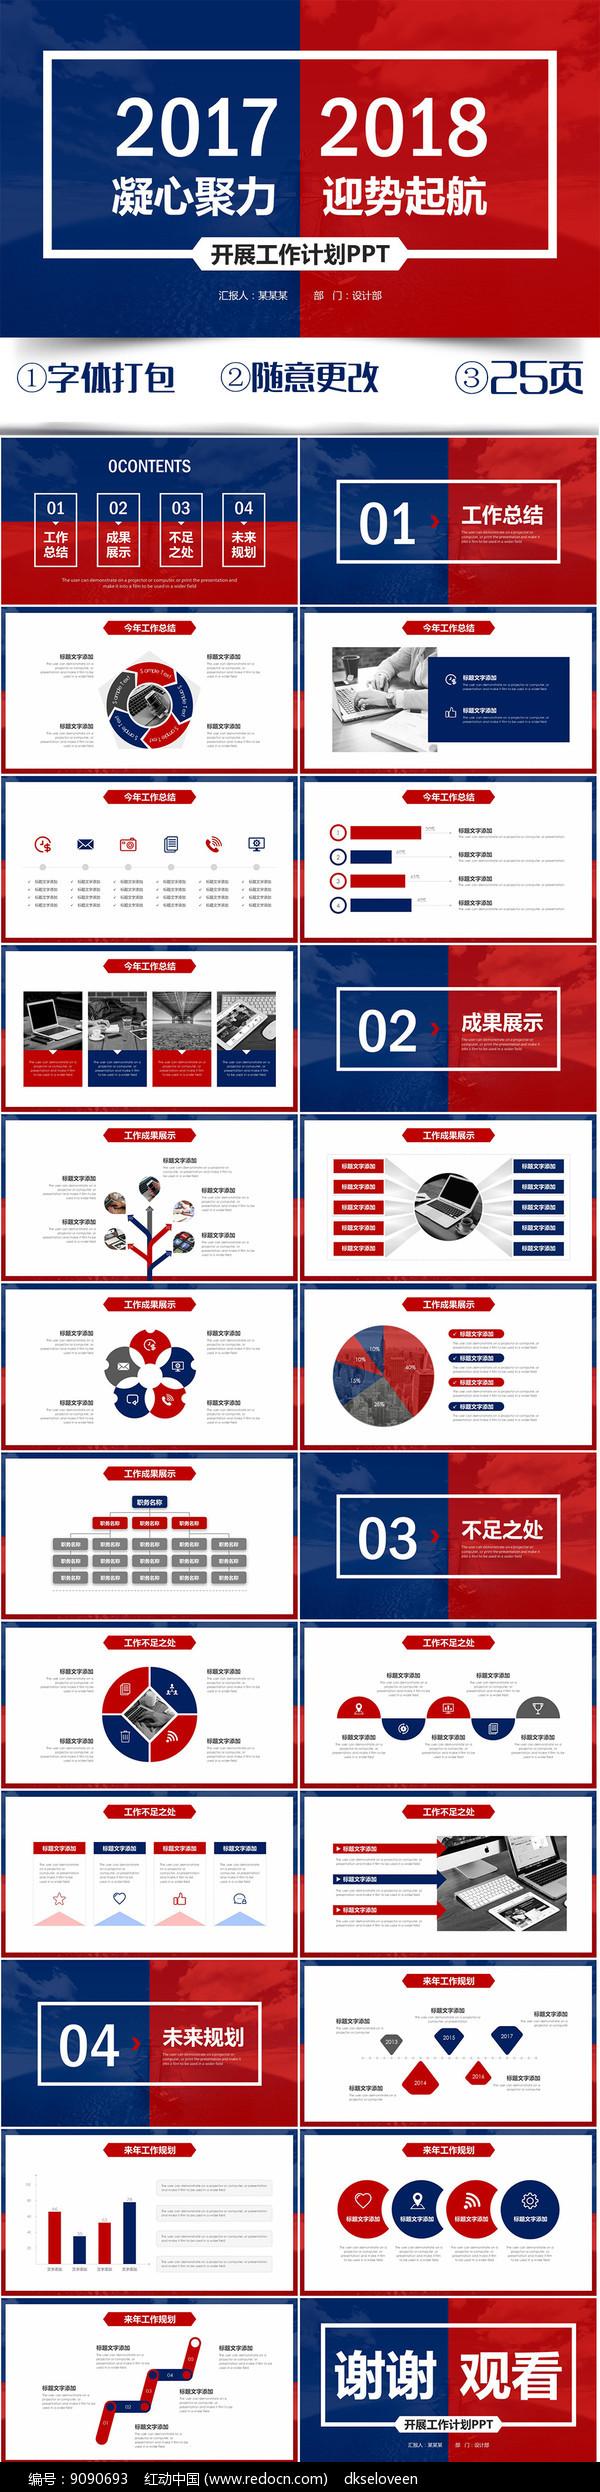 红蓝开展工作计划PPT模板图片